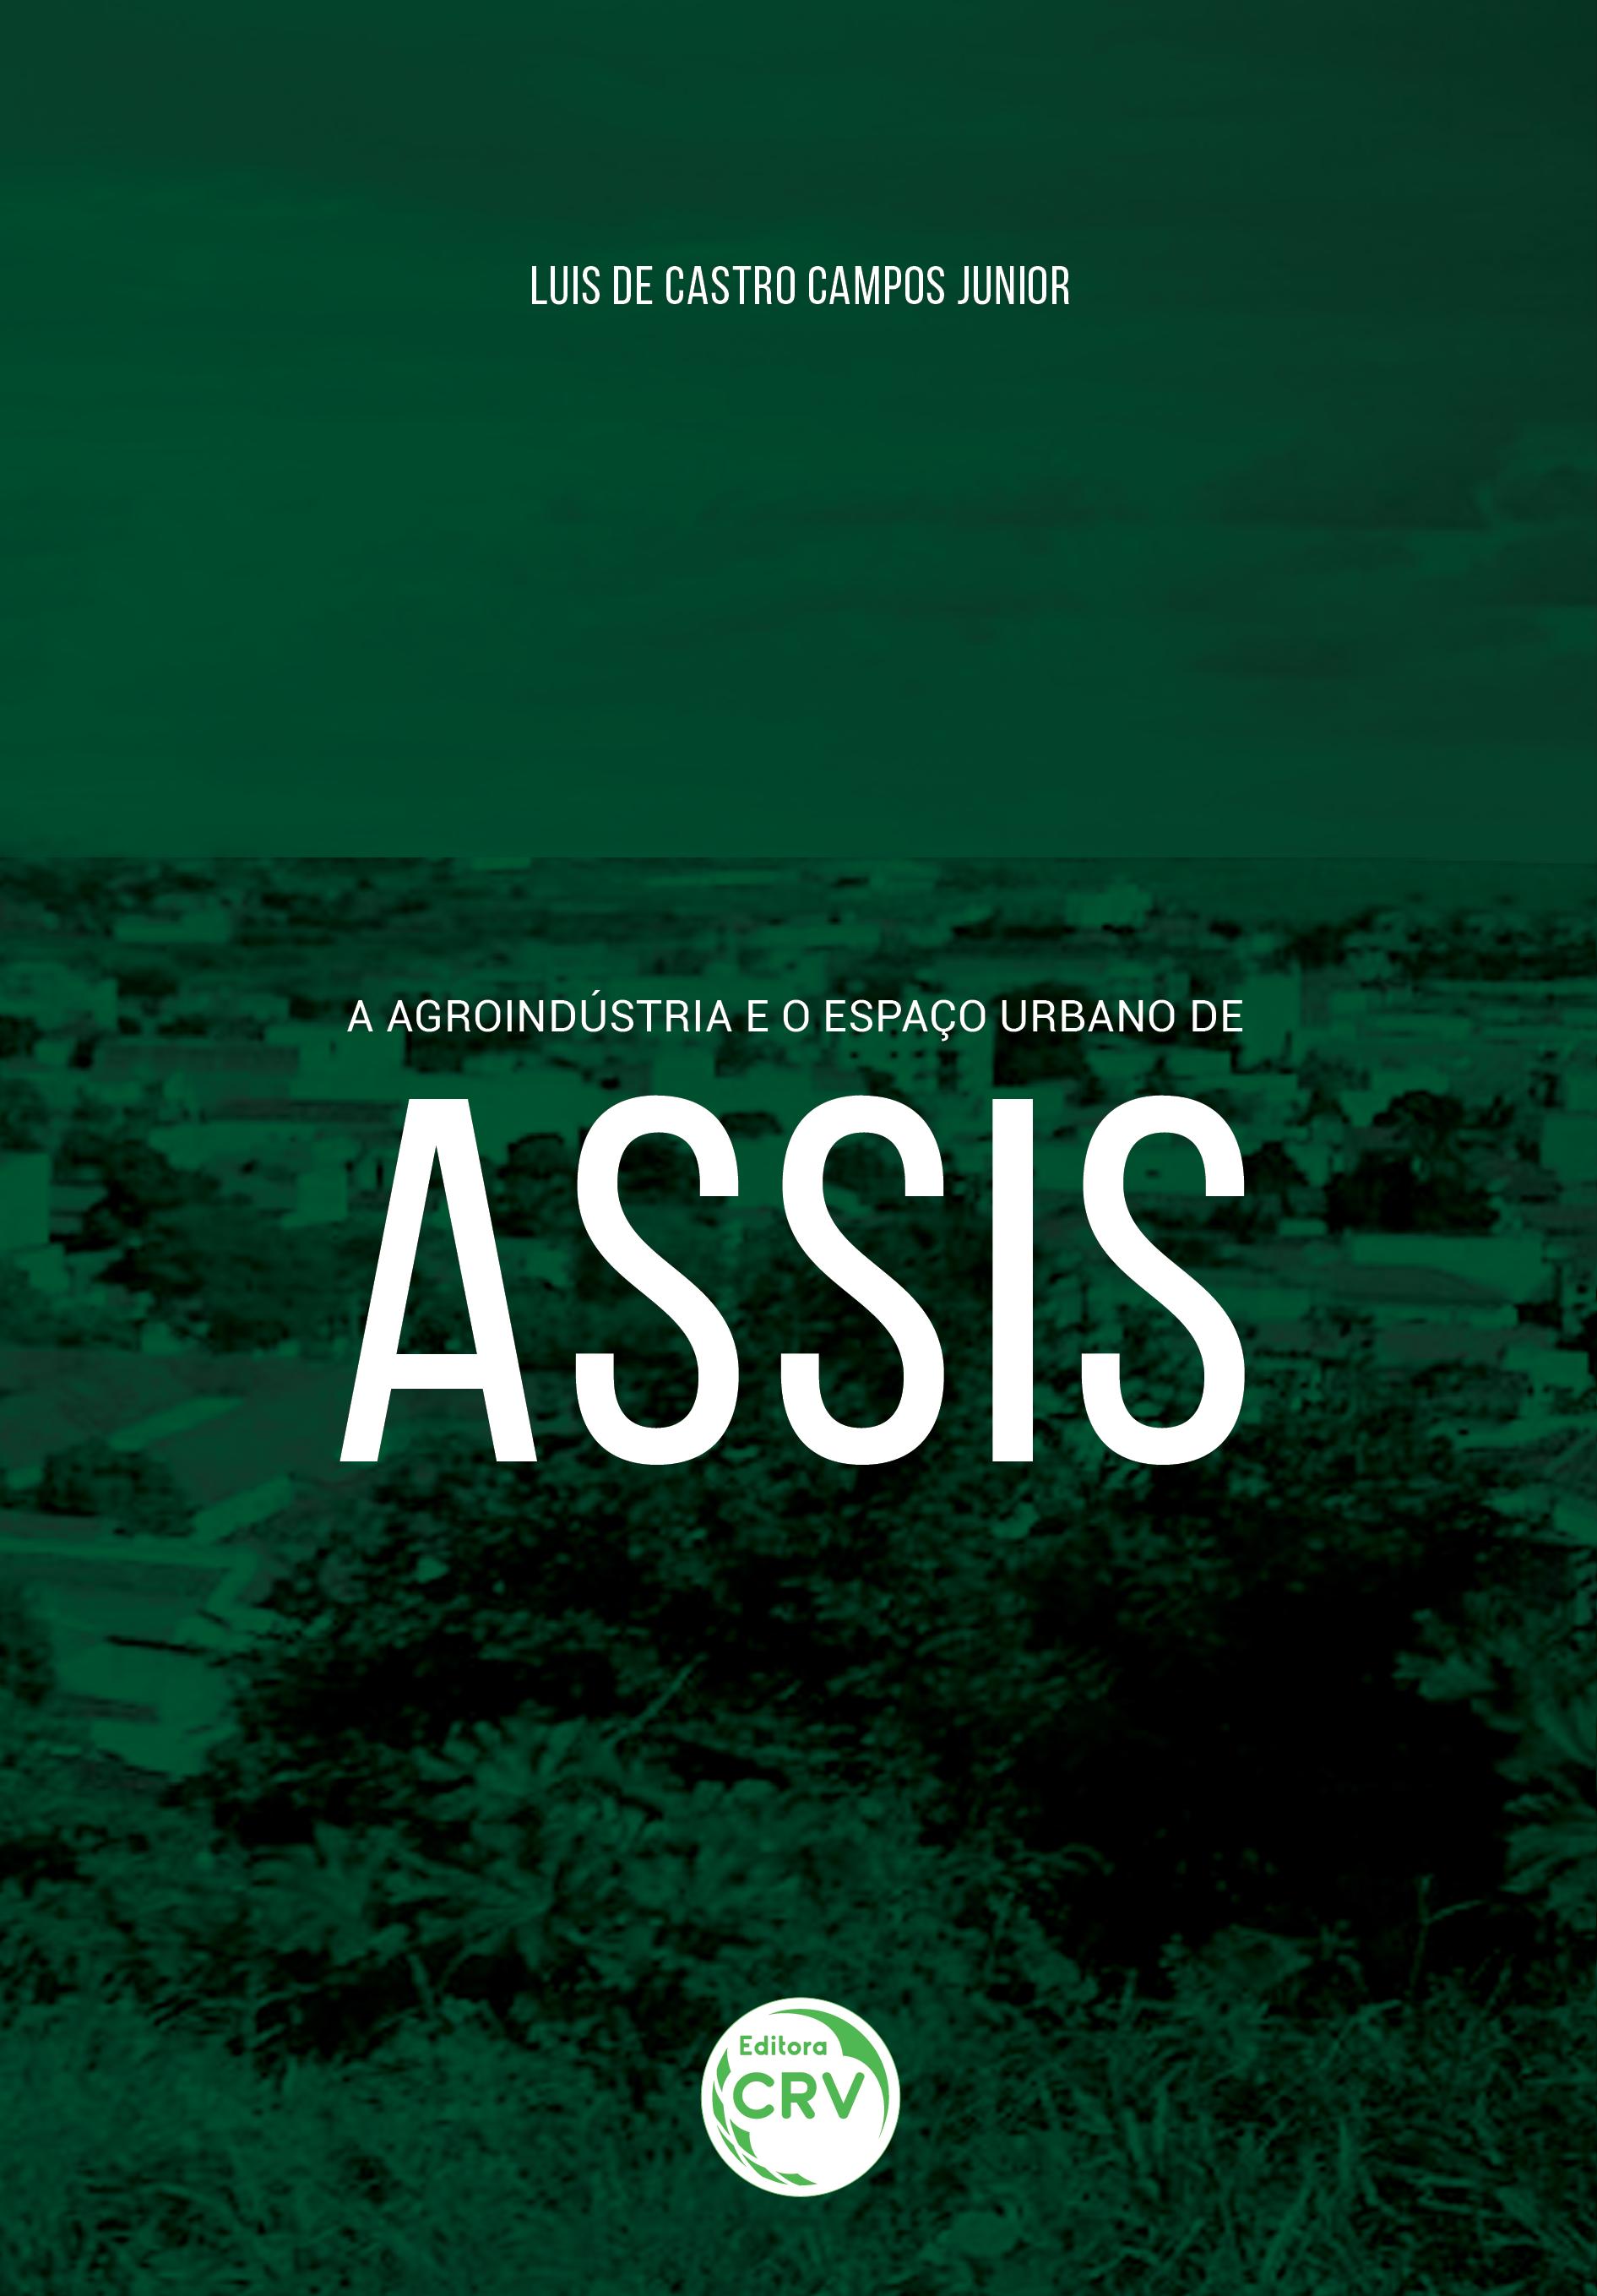 Capa do livro: A AGROINDÚSTRIA E O ESPAÇO URBANO DE ASSIS